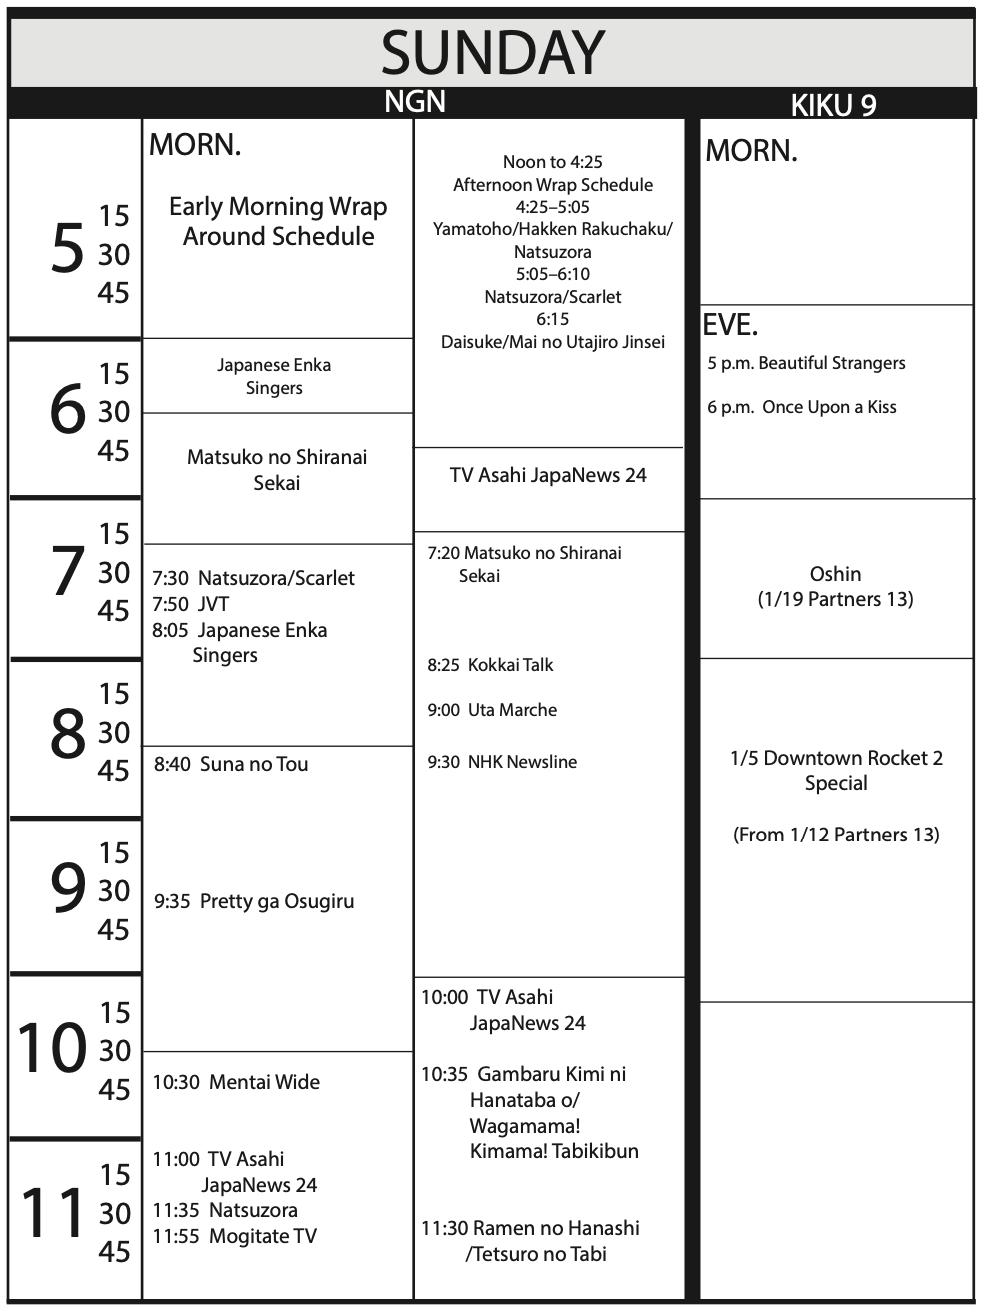 TV Program Schedule 12/20/19 Issue - Sunday